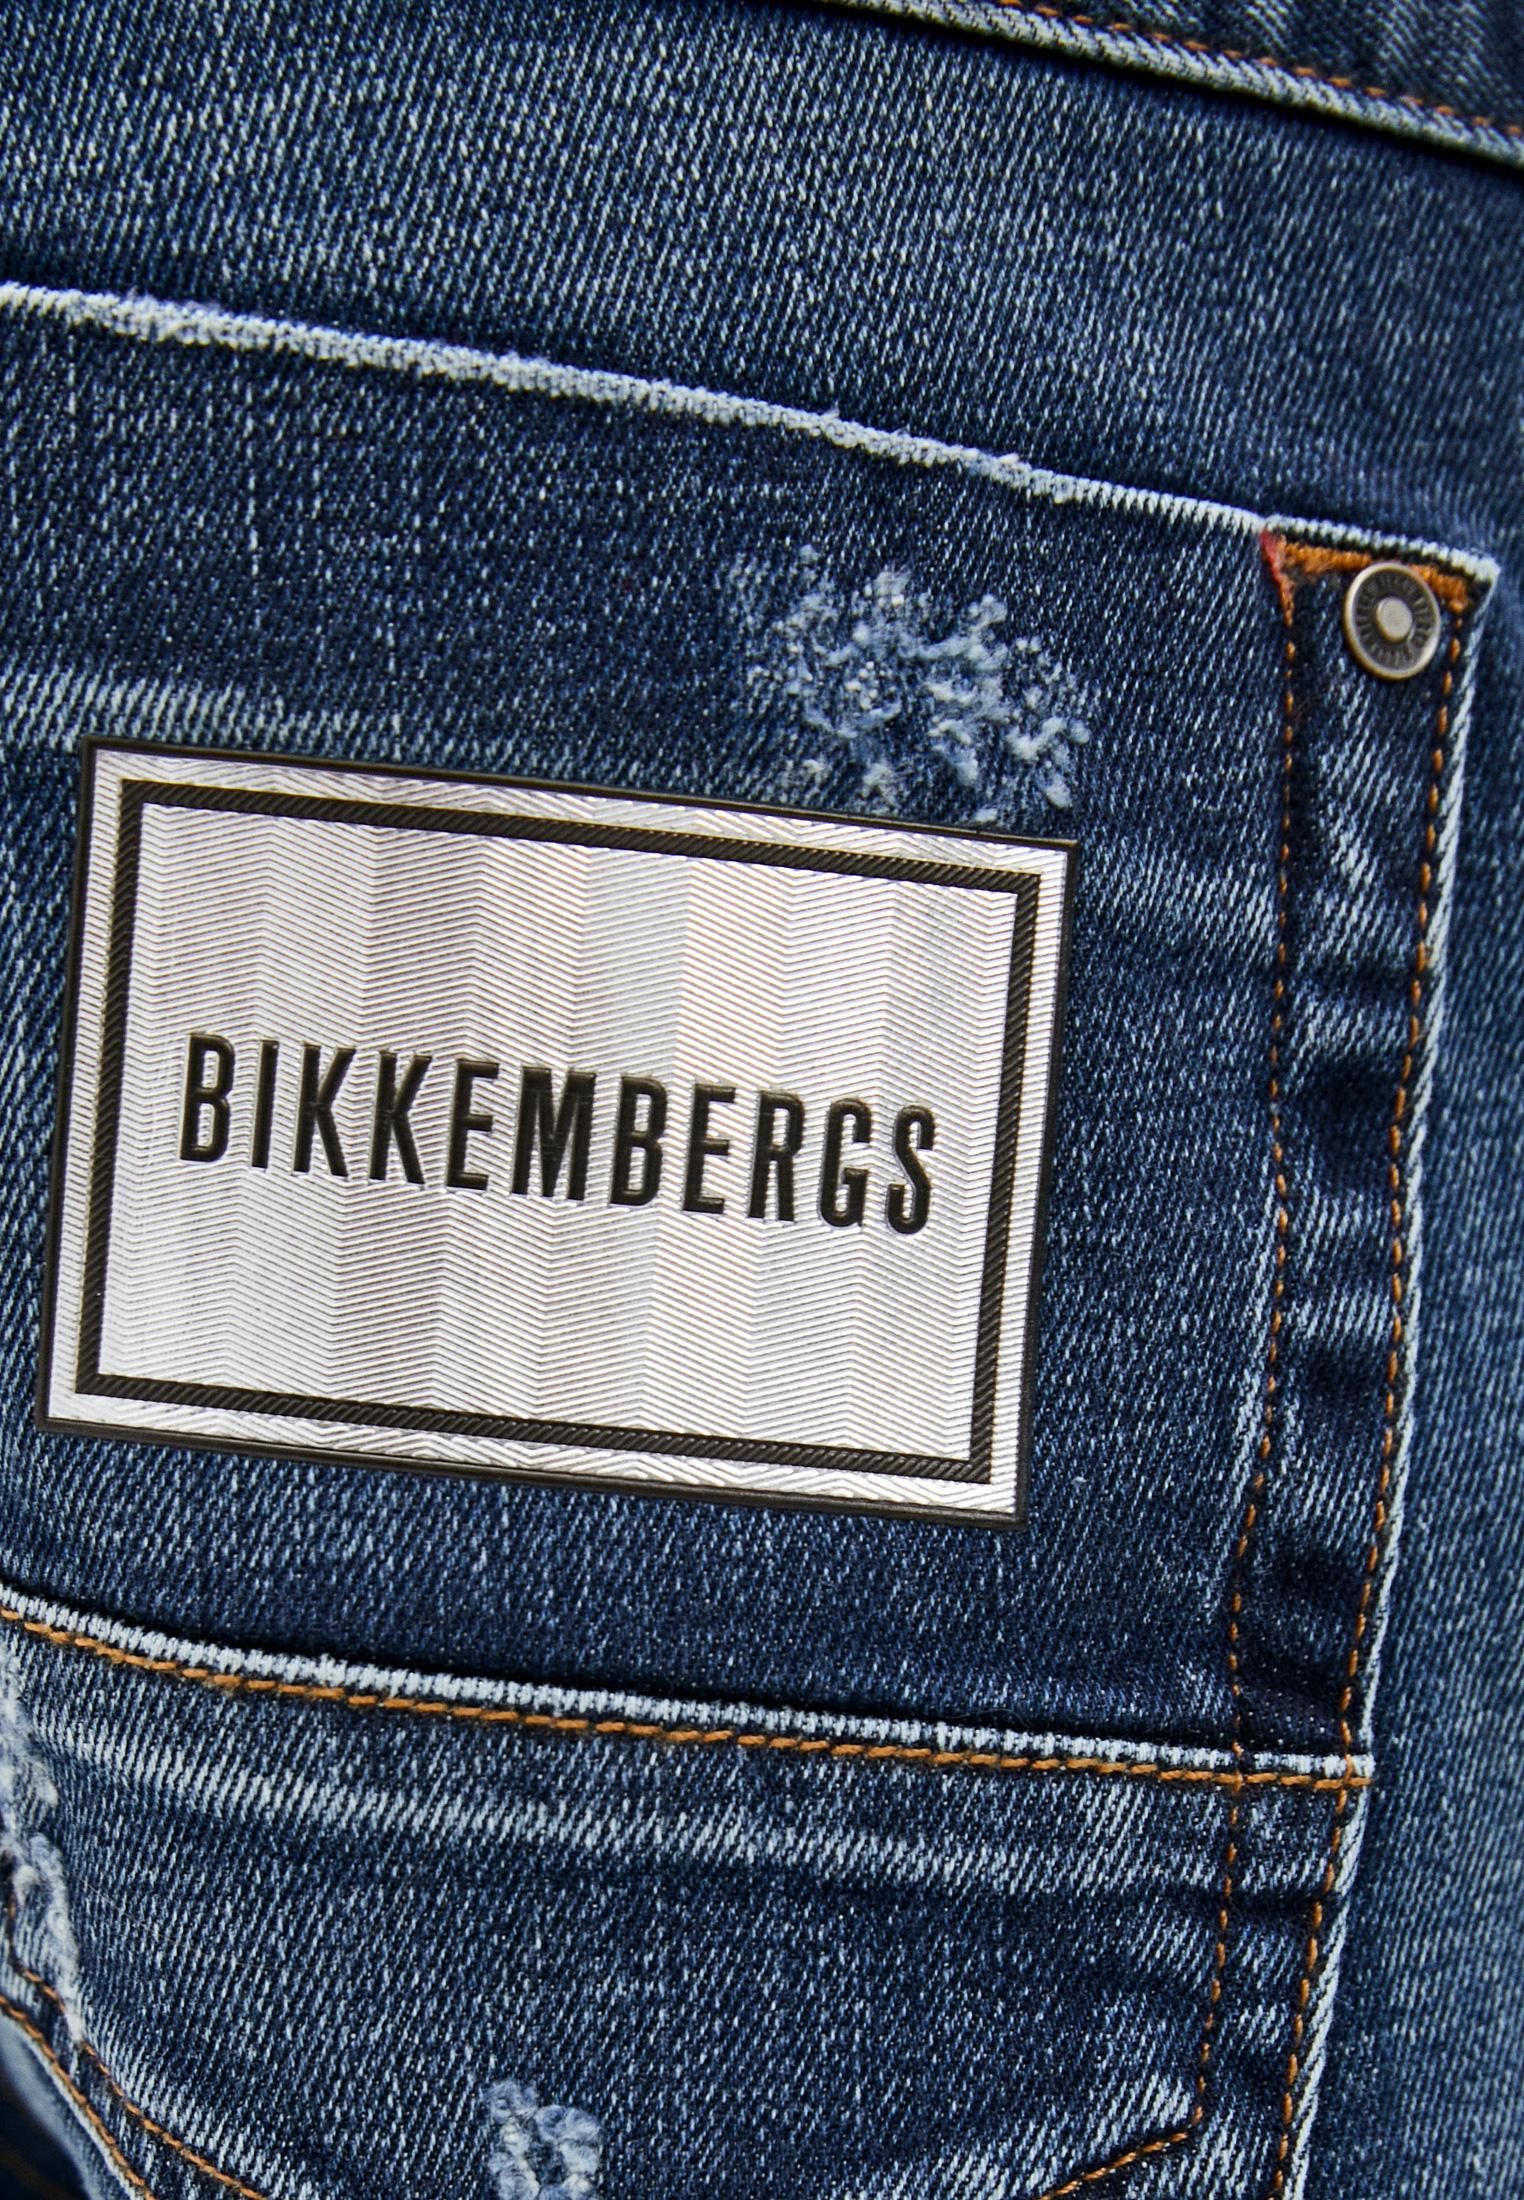 Зауженные джинсы Bikkembergs C Q 101 07 S 3182: изображение 5